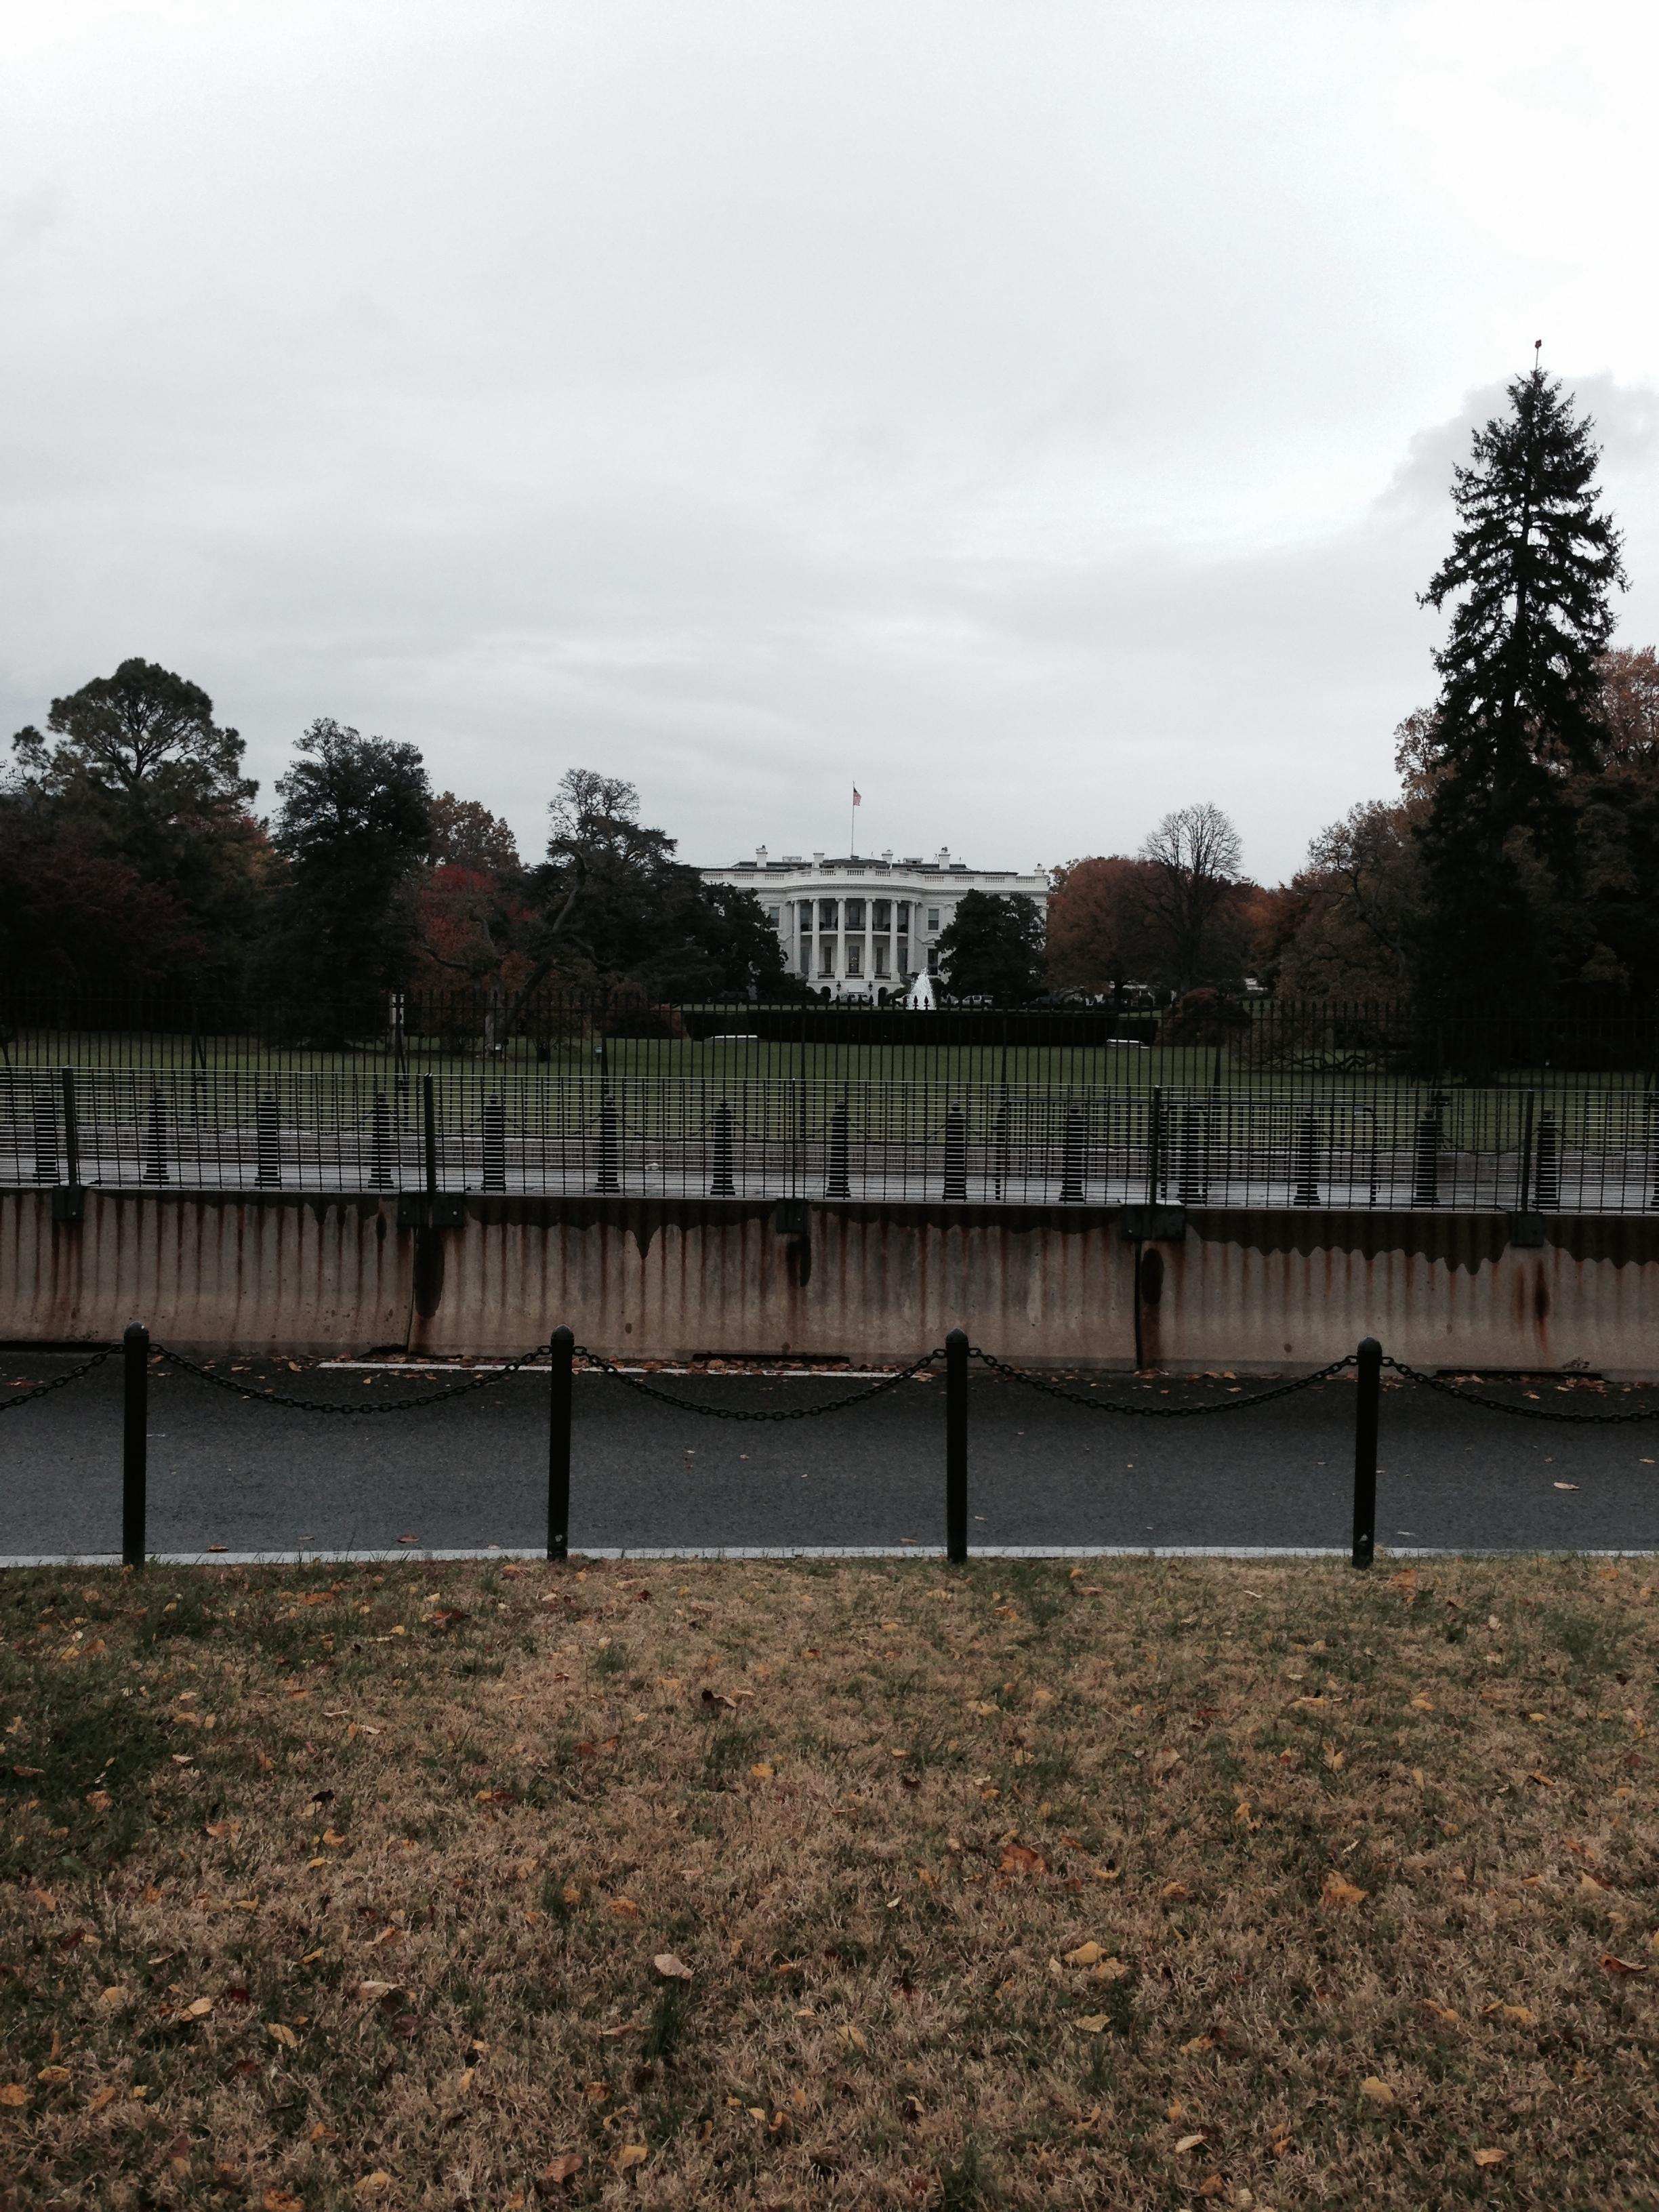 White House! Seriously far away.